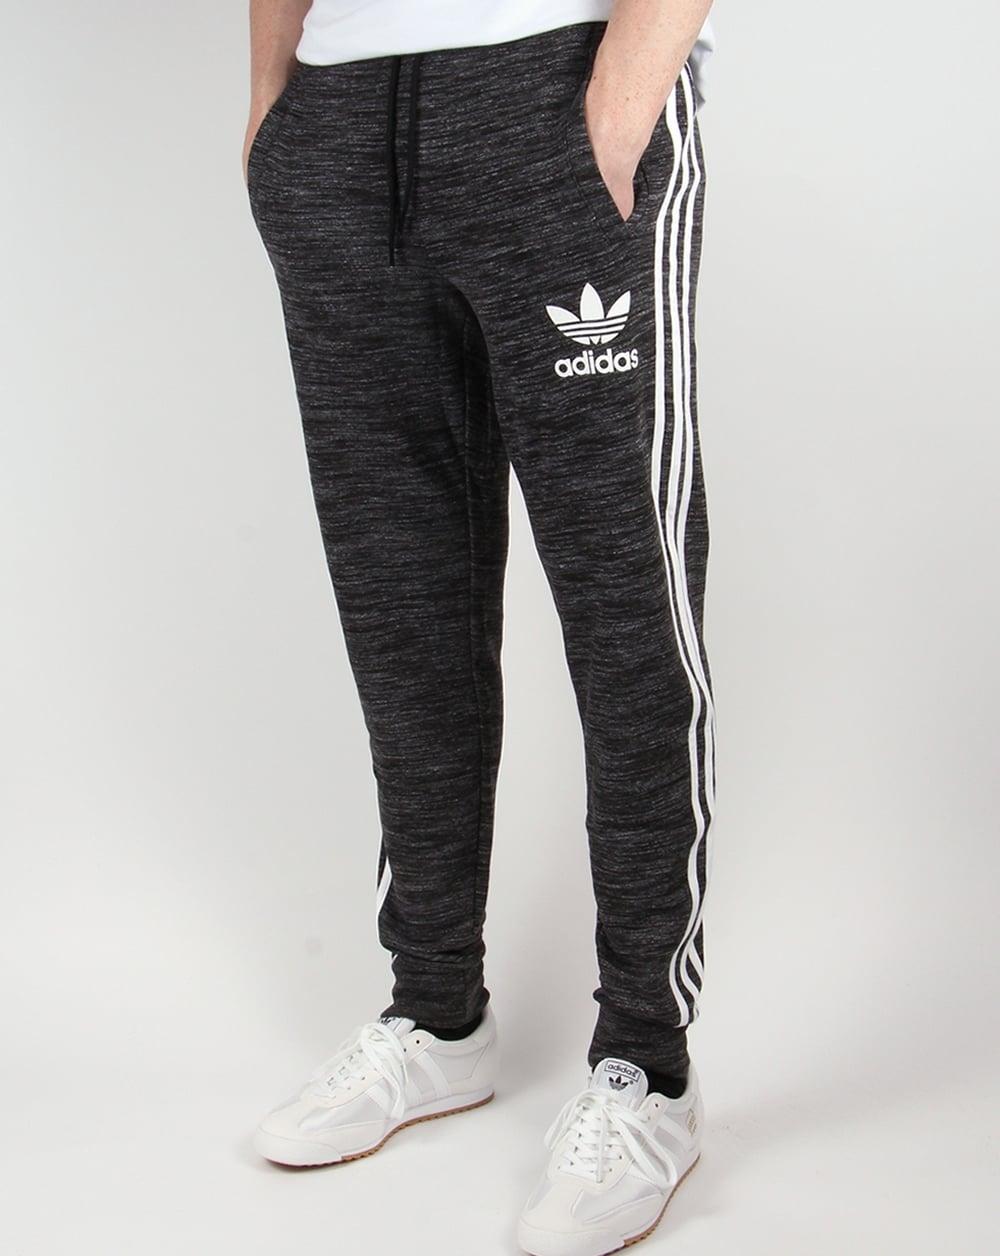 4b3f1400cc Adidas Originals California FT Track Pants Black